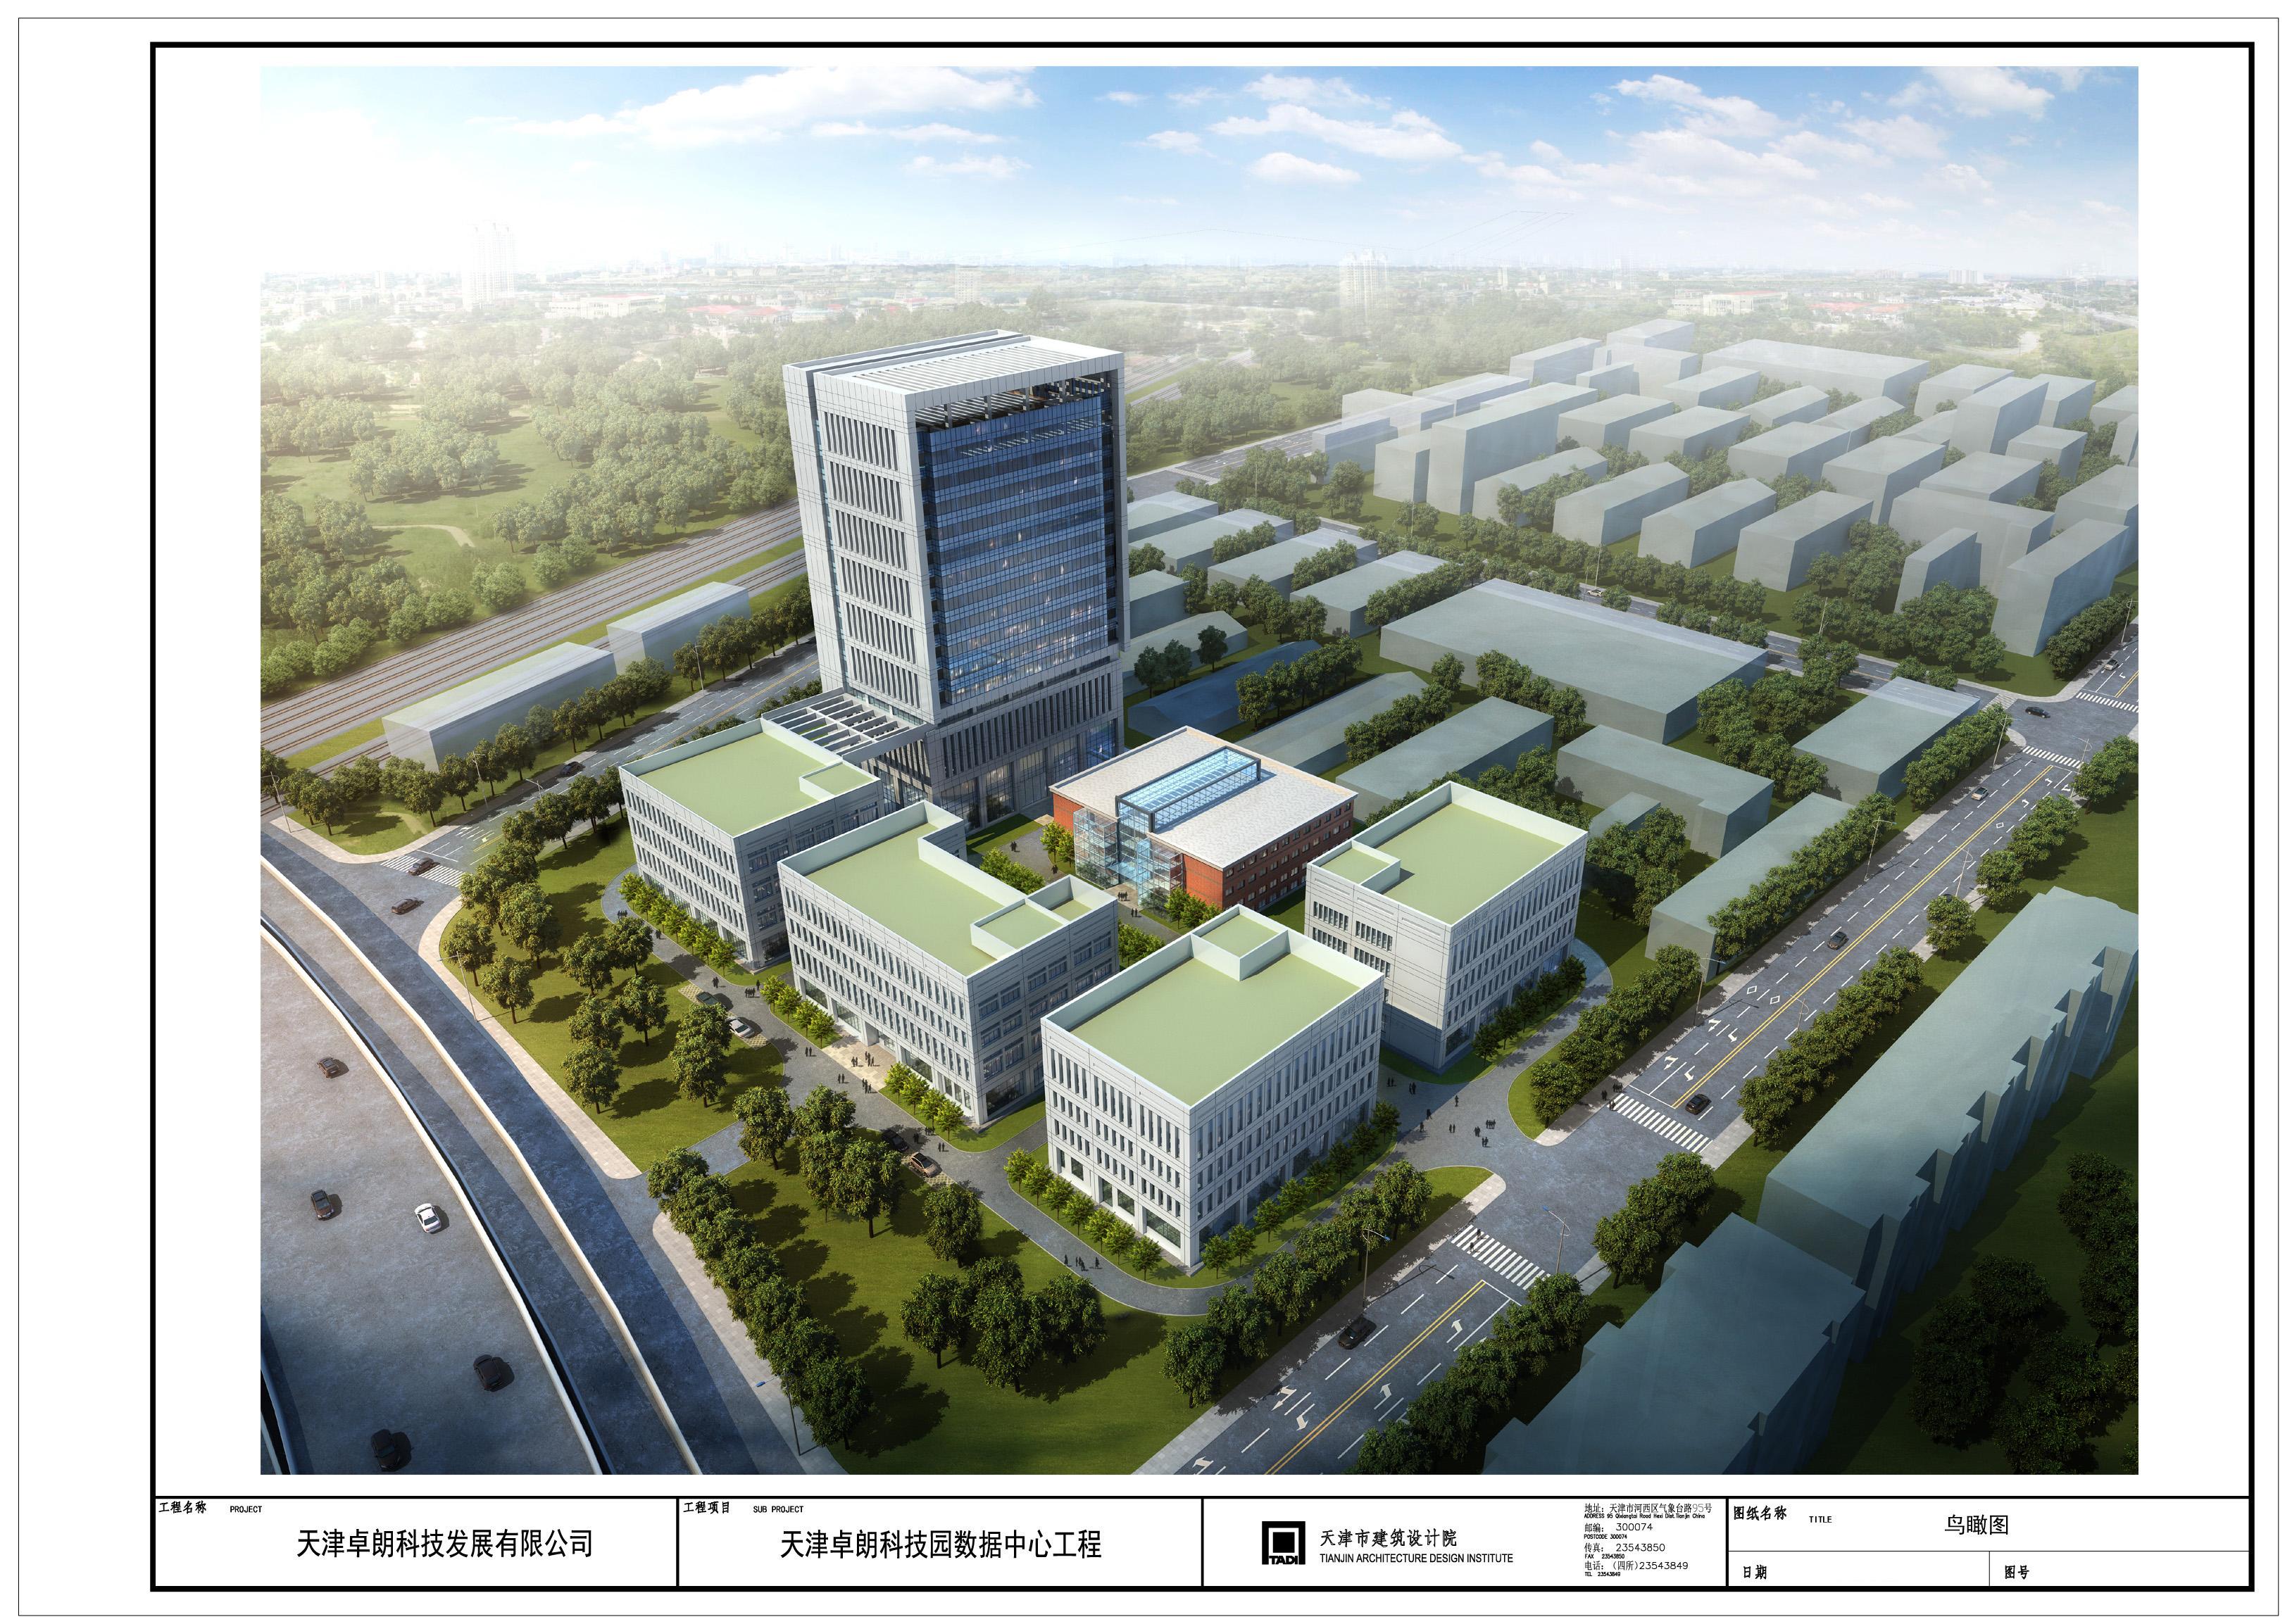 卓朗科技园新建数据库及信息中心项目